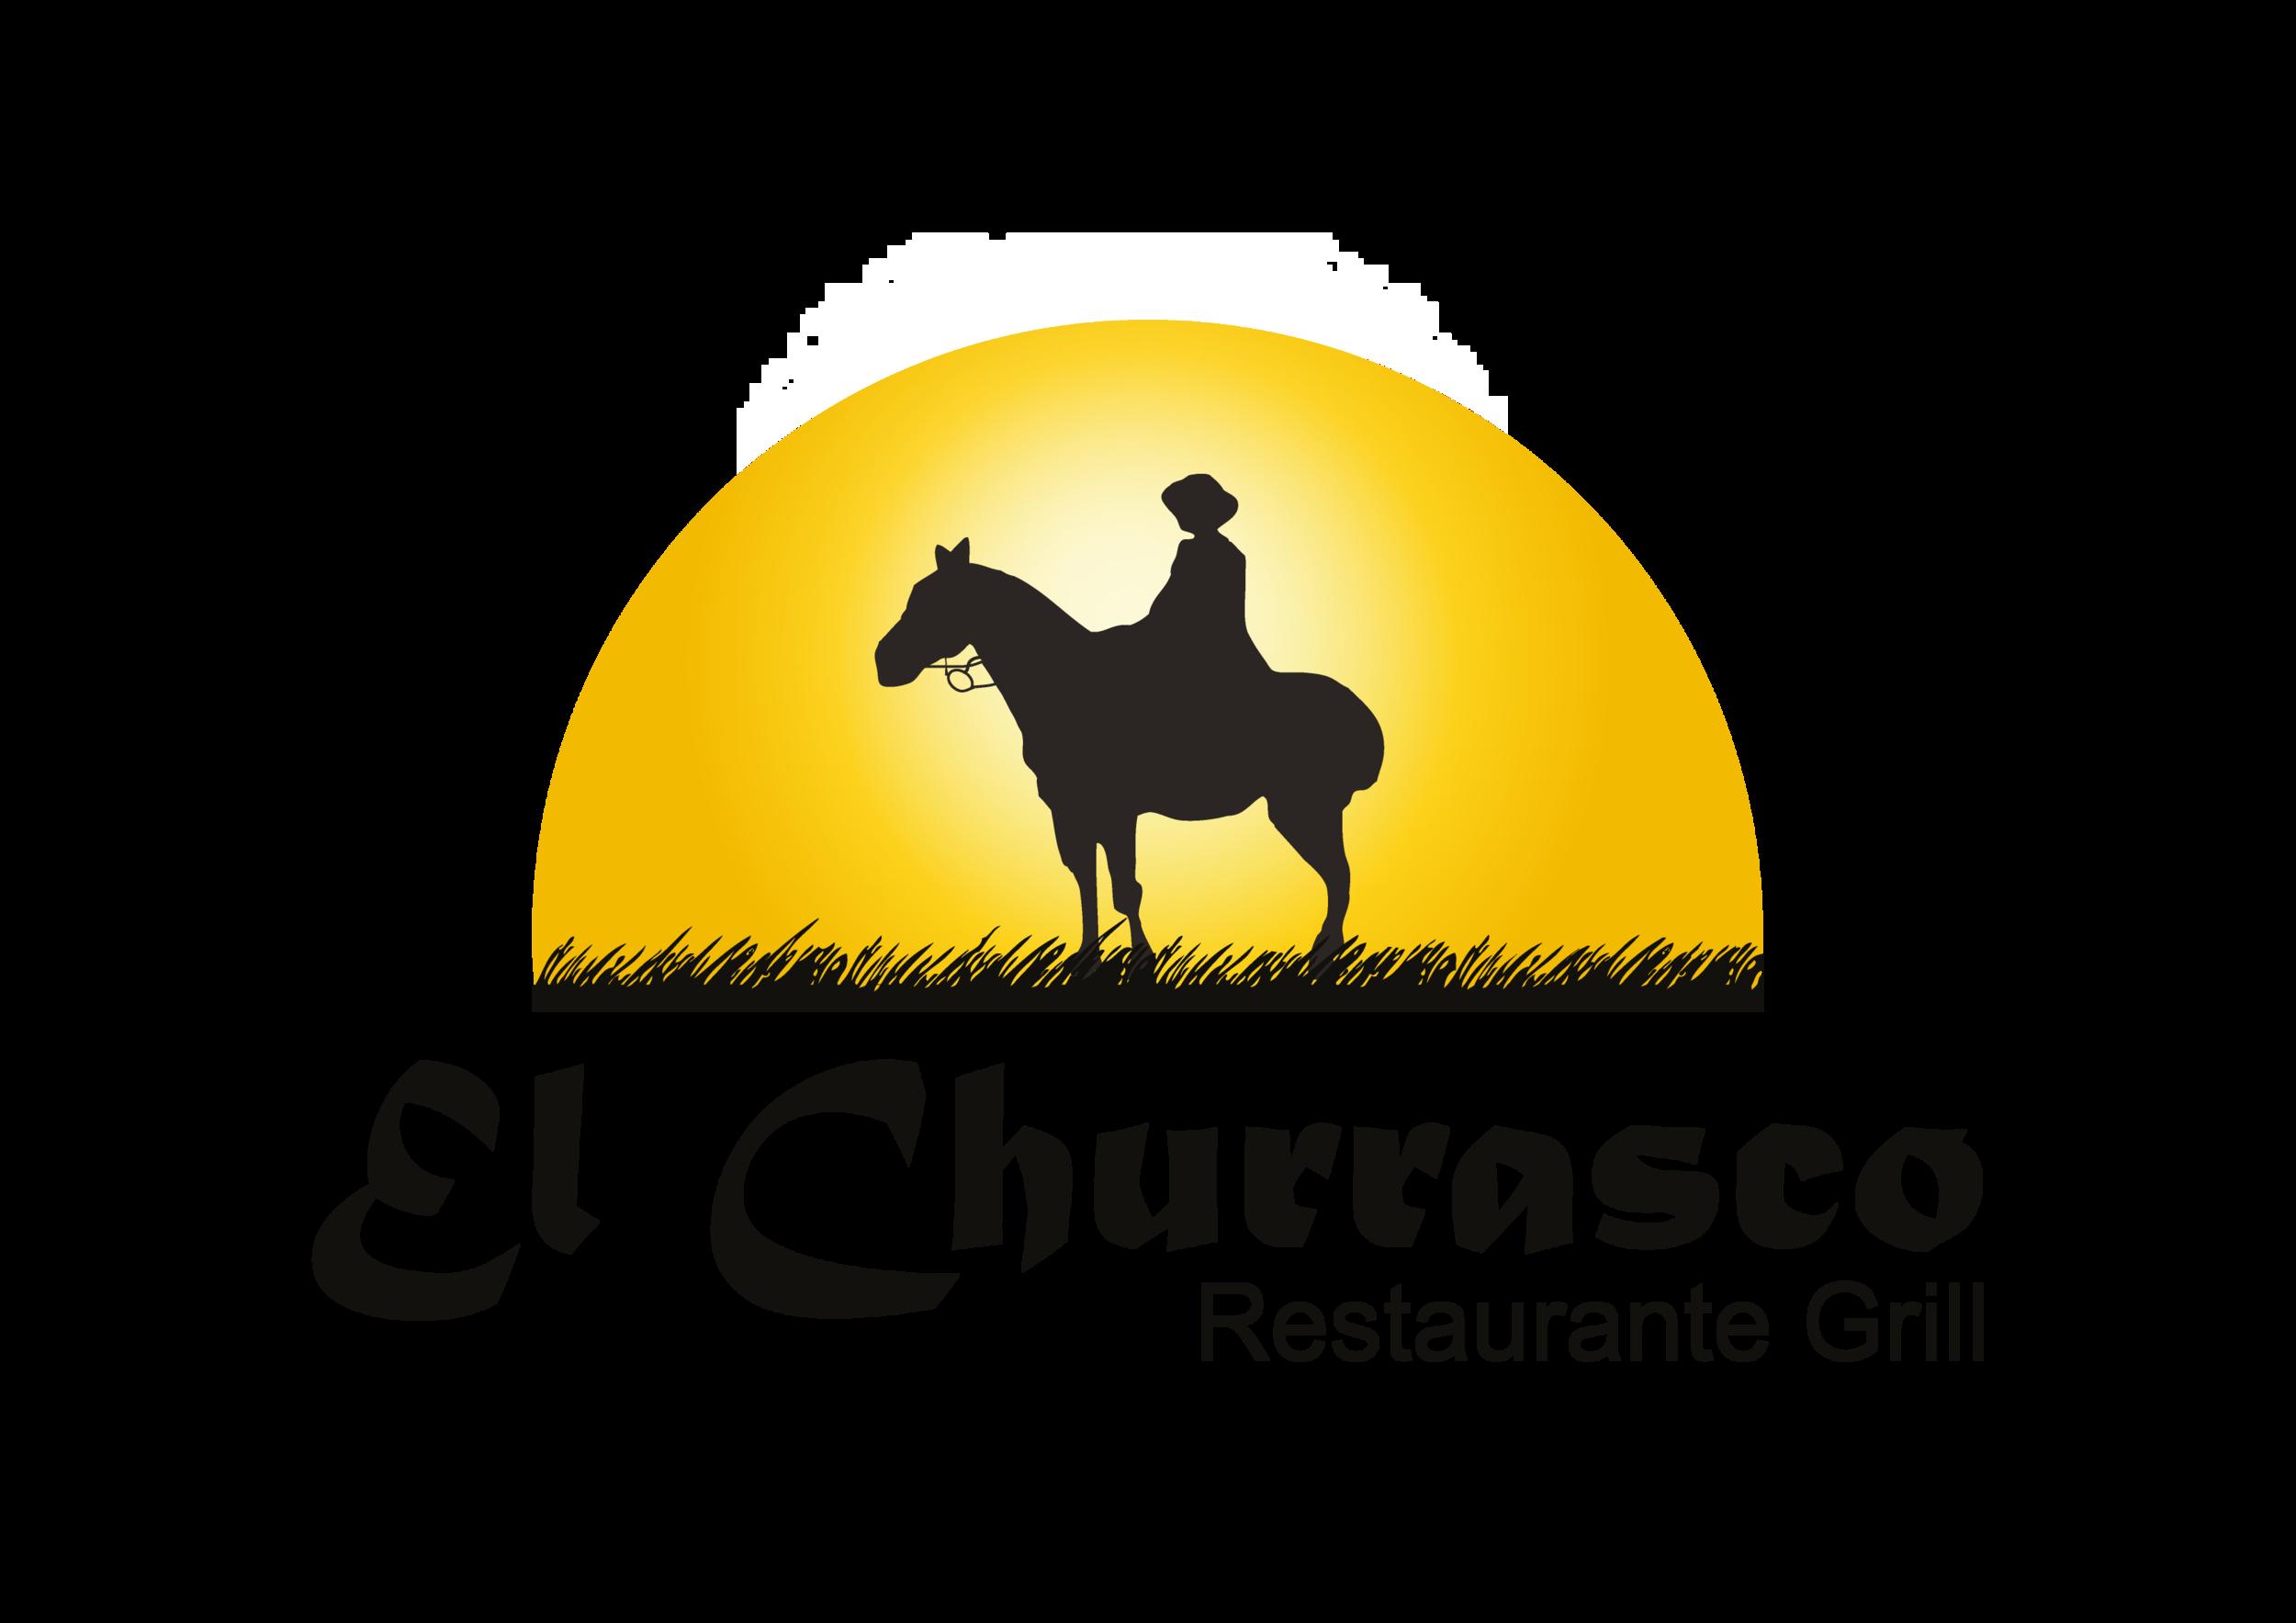 El Churrasco.png